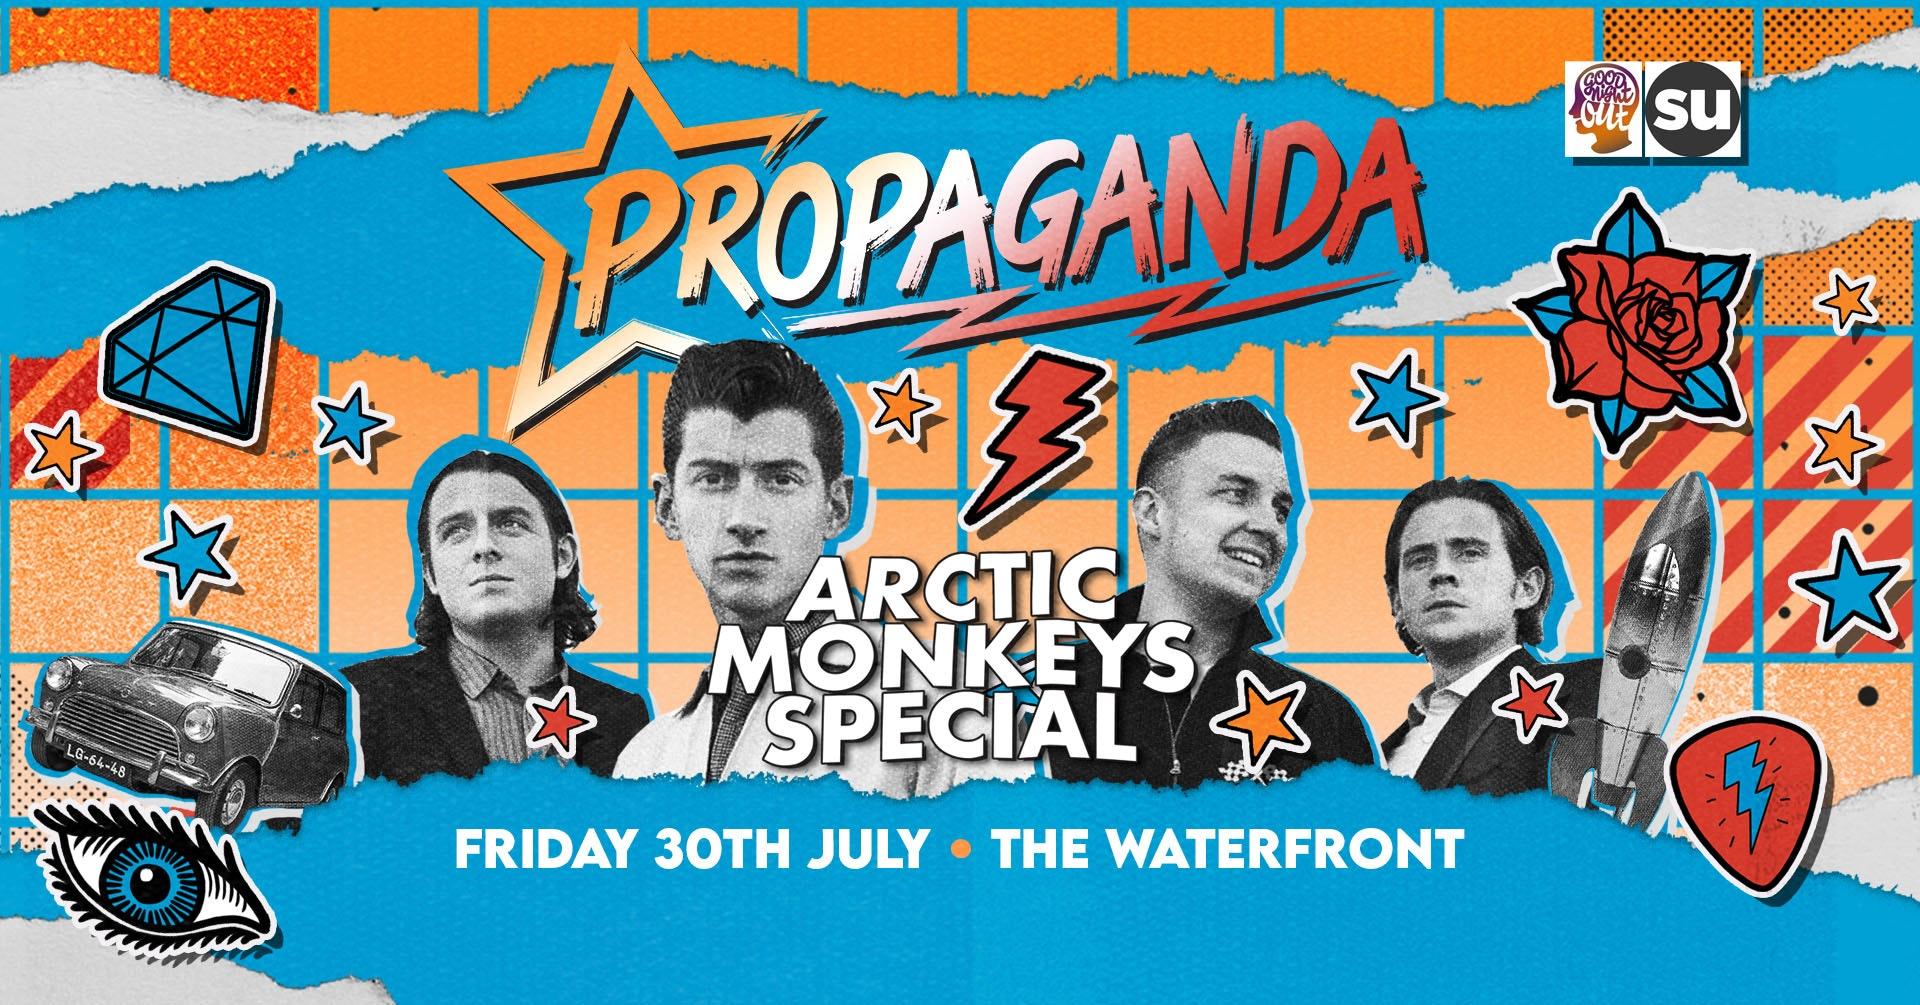 Propaganda Norwich – Arctic Monkeys Special!